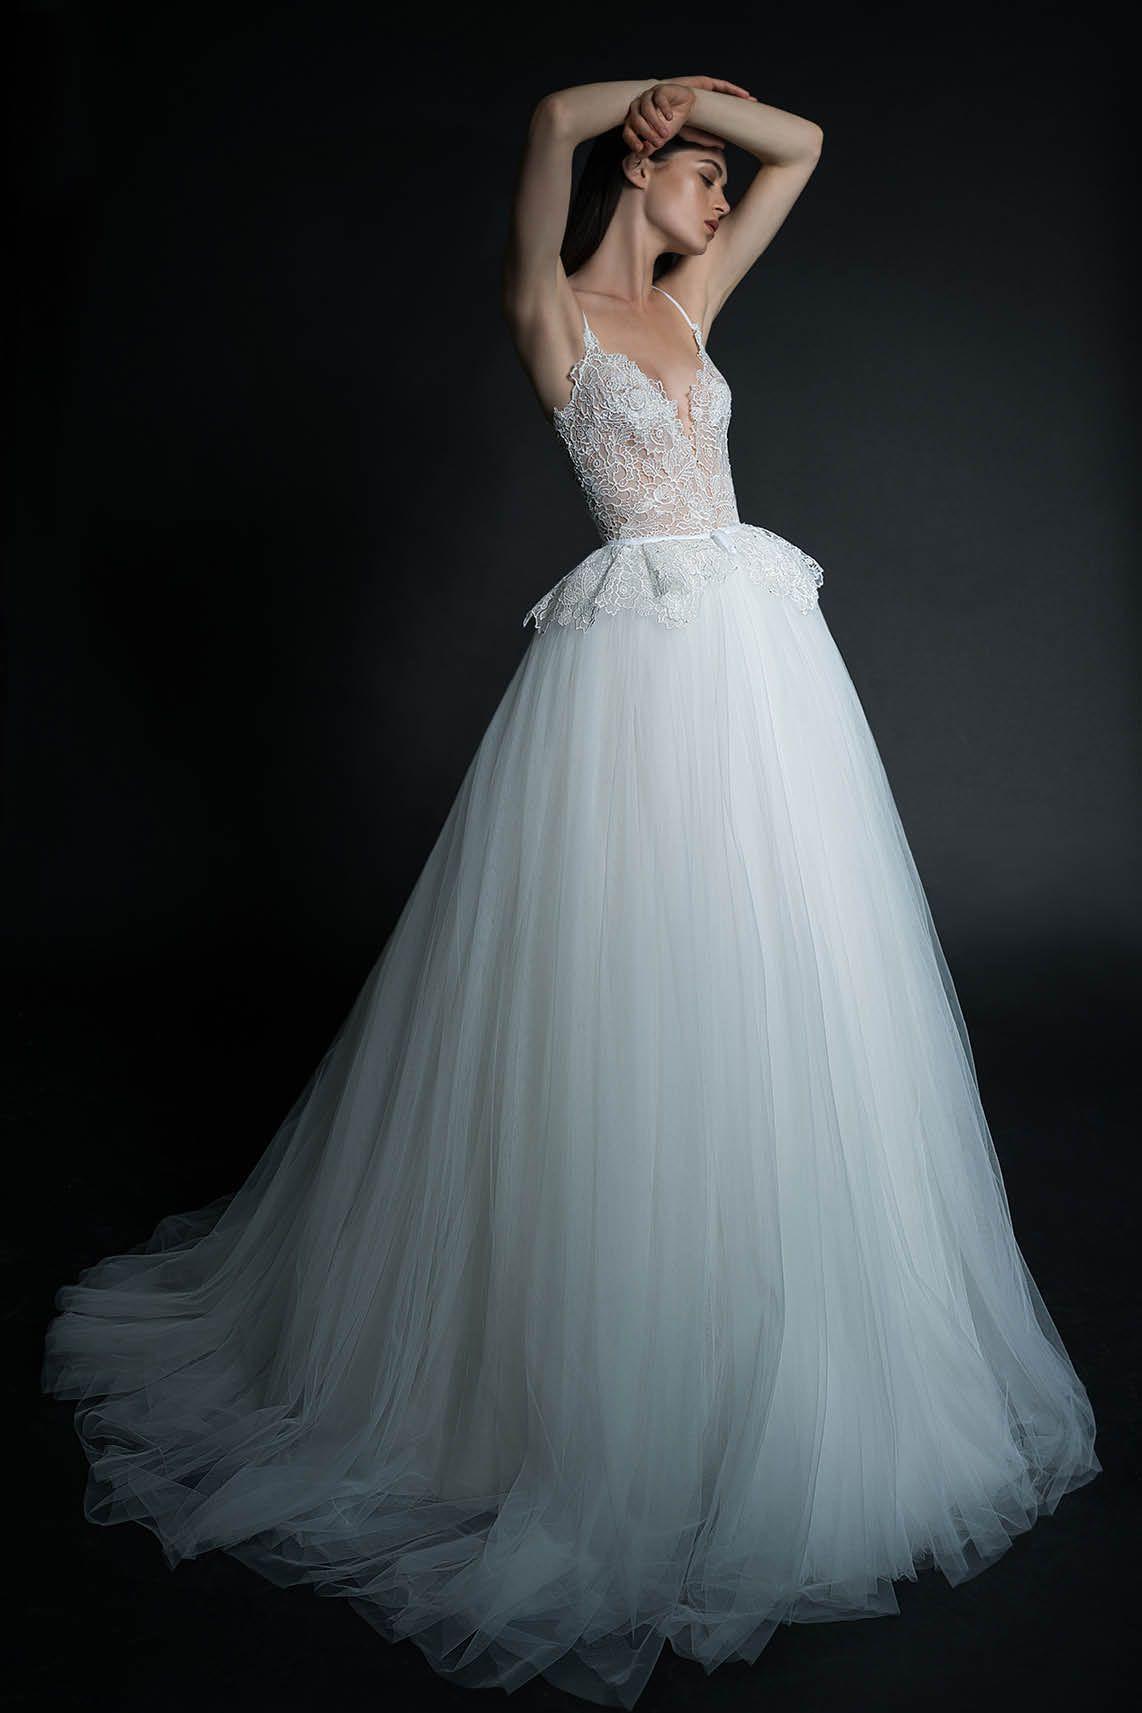 Inbal dror u pure u mondo bridal u wedding ideas planning